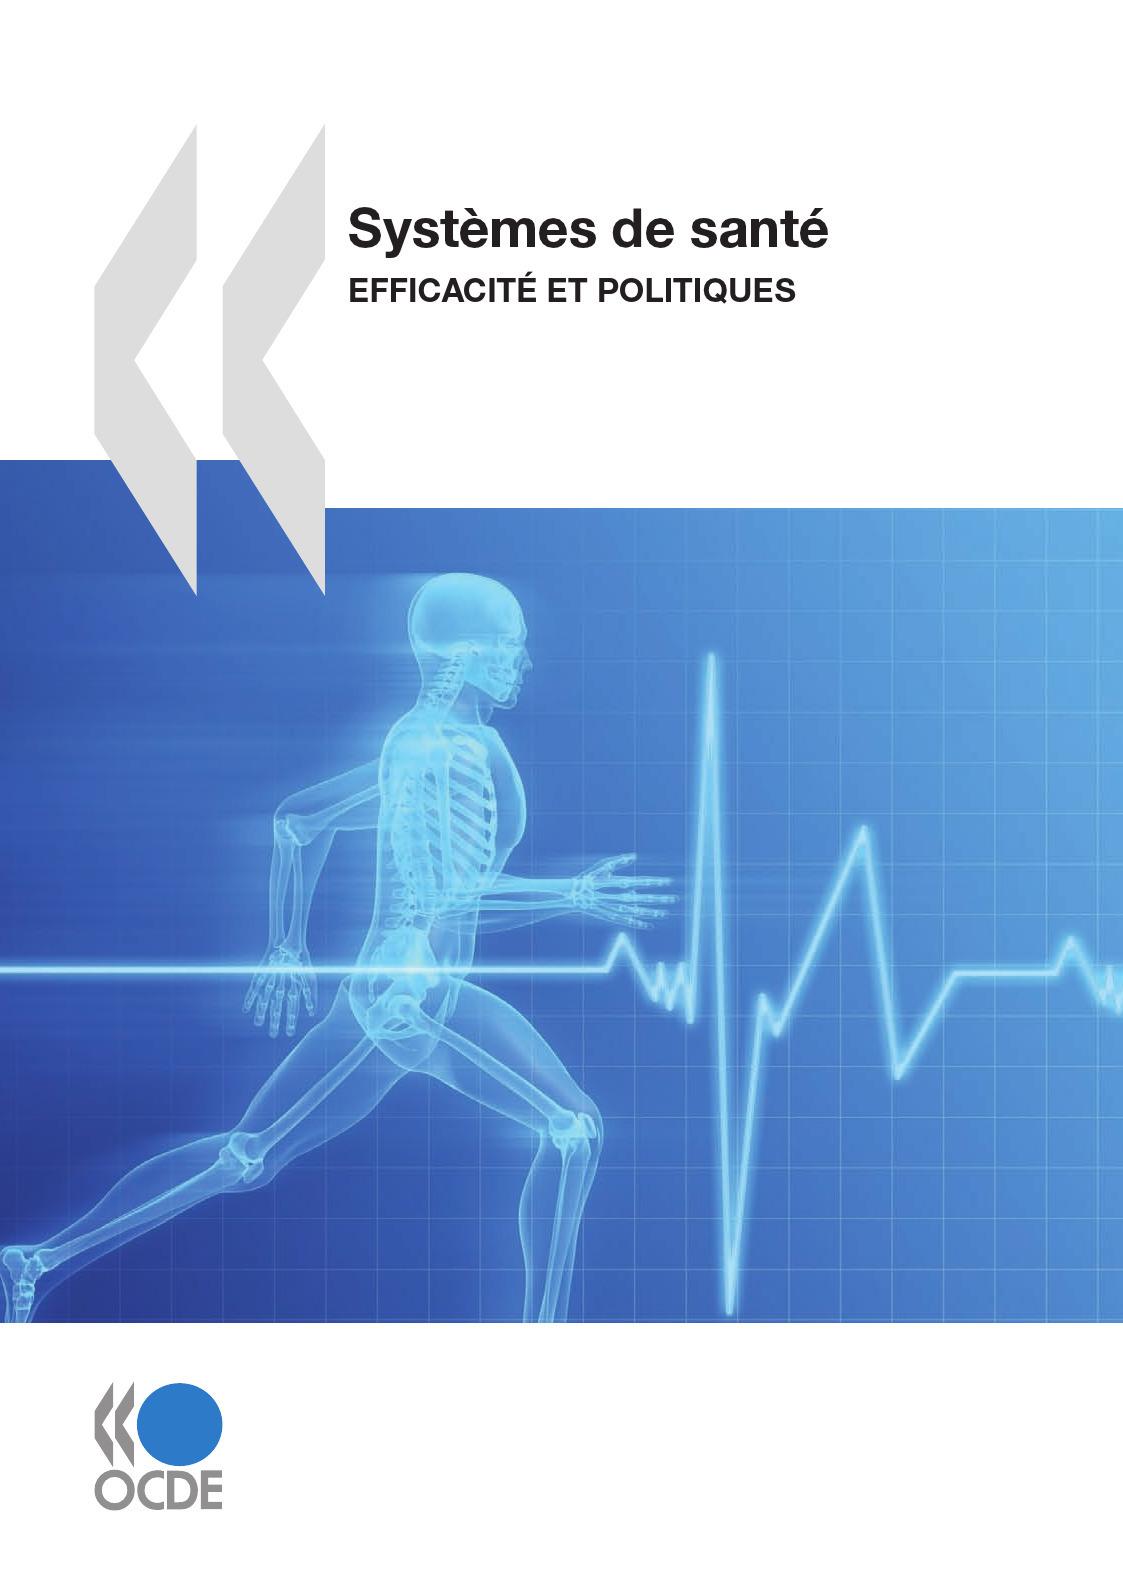 Systemes de santé ; efficacité et politiques